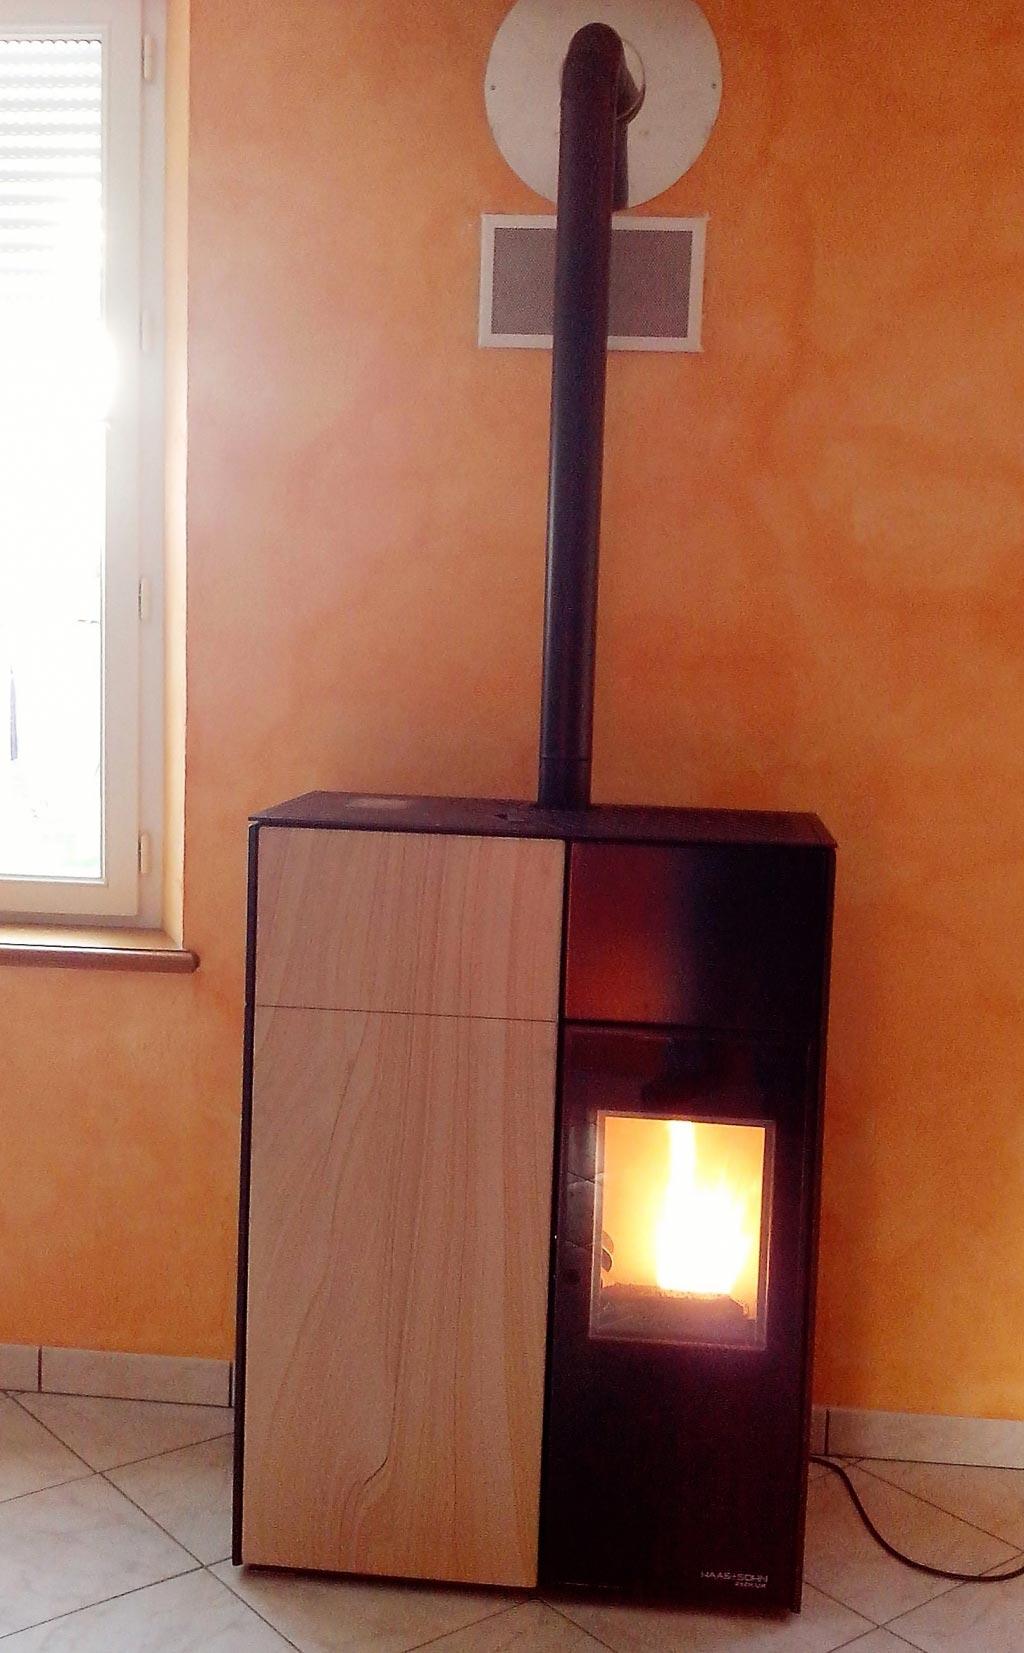 Poêle à granulés de bois HAAS & SOHN à Orchaise, Loir et Cher (41)-Loir et Cher (41)